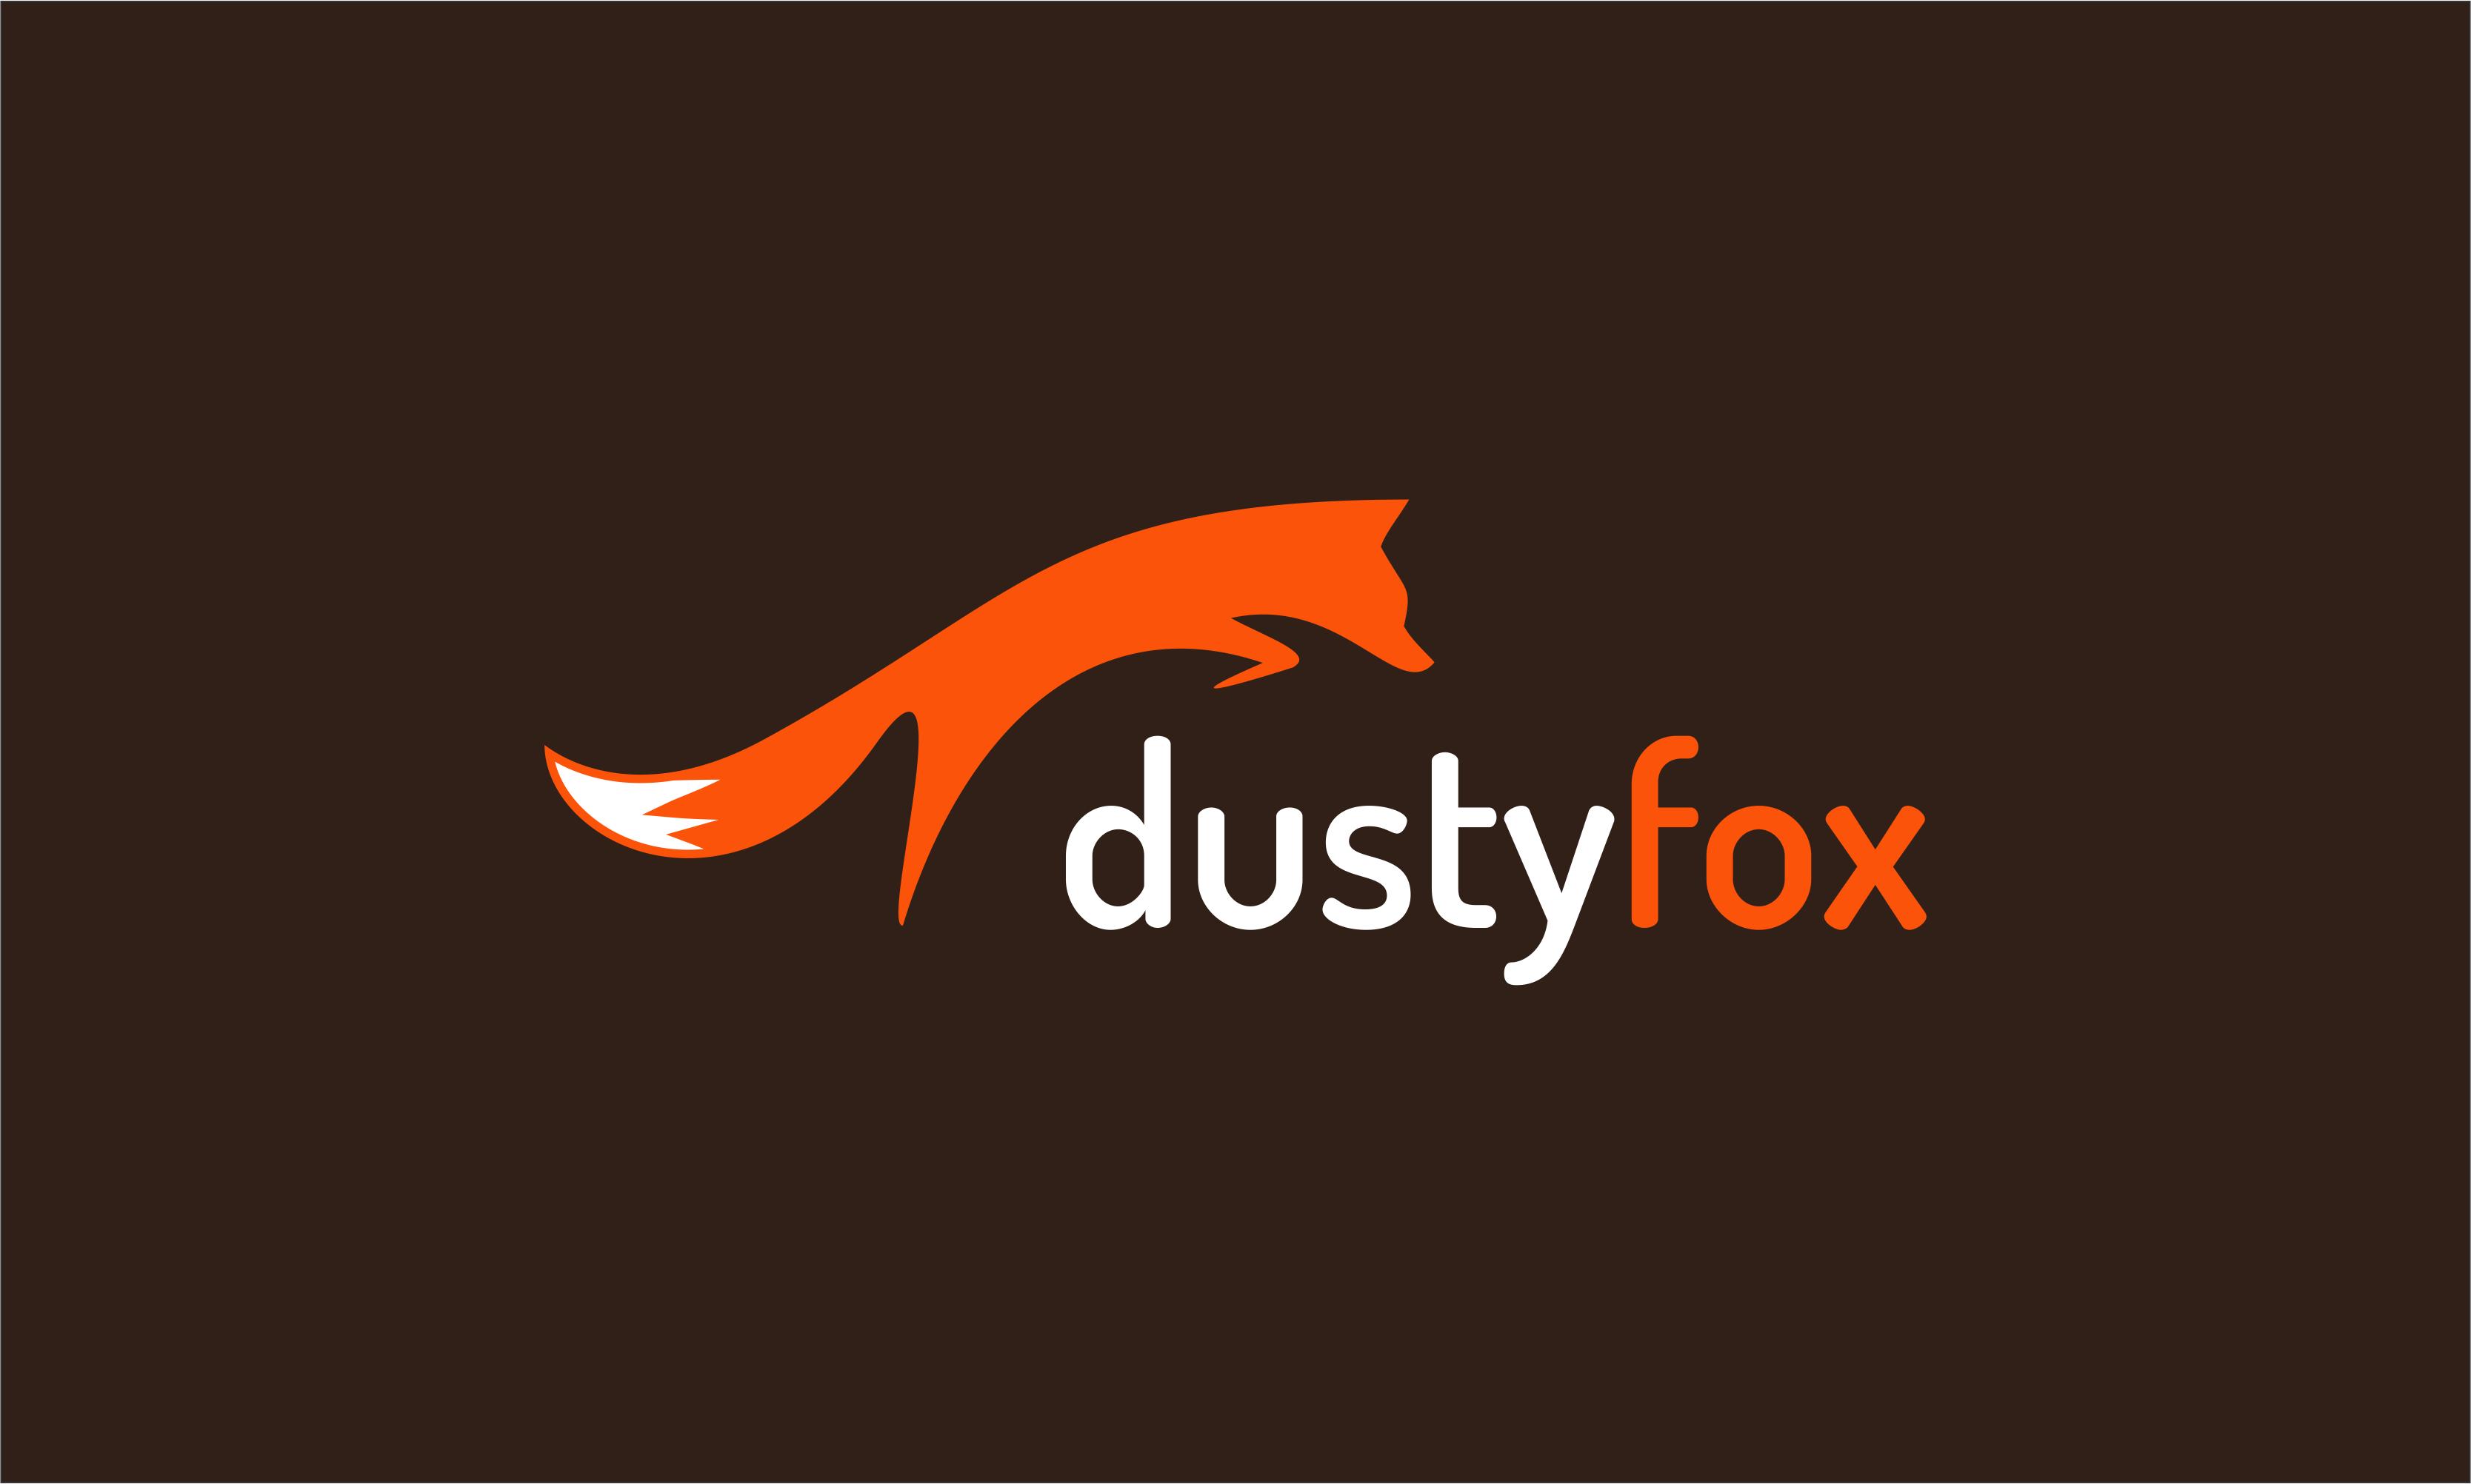 Dustyfox